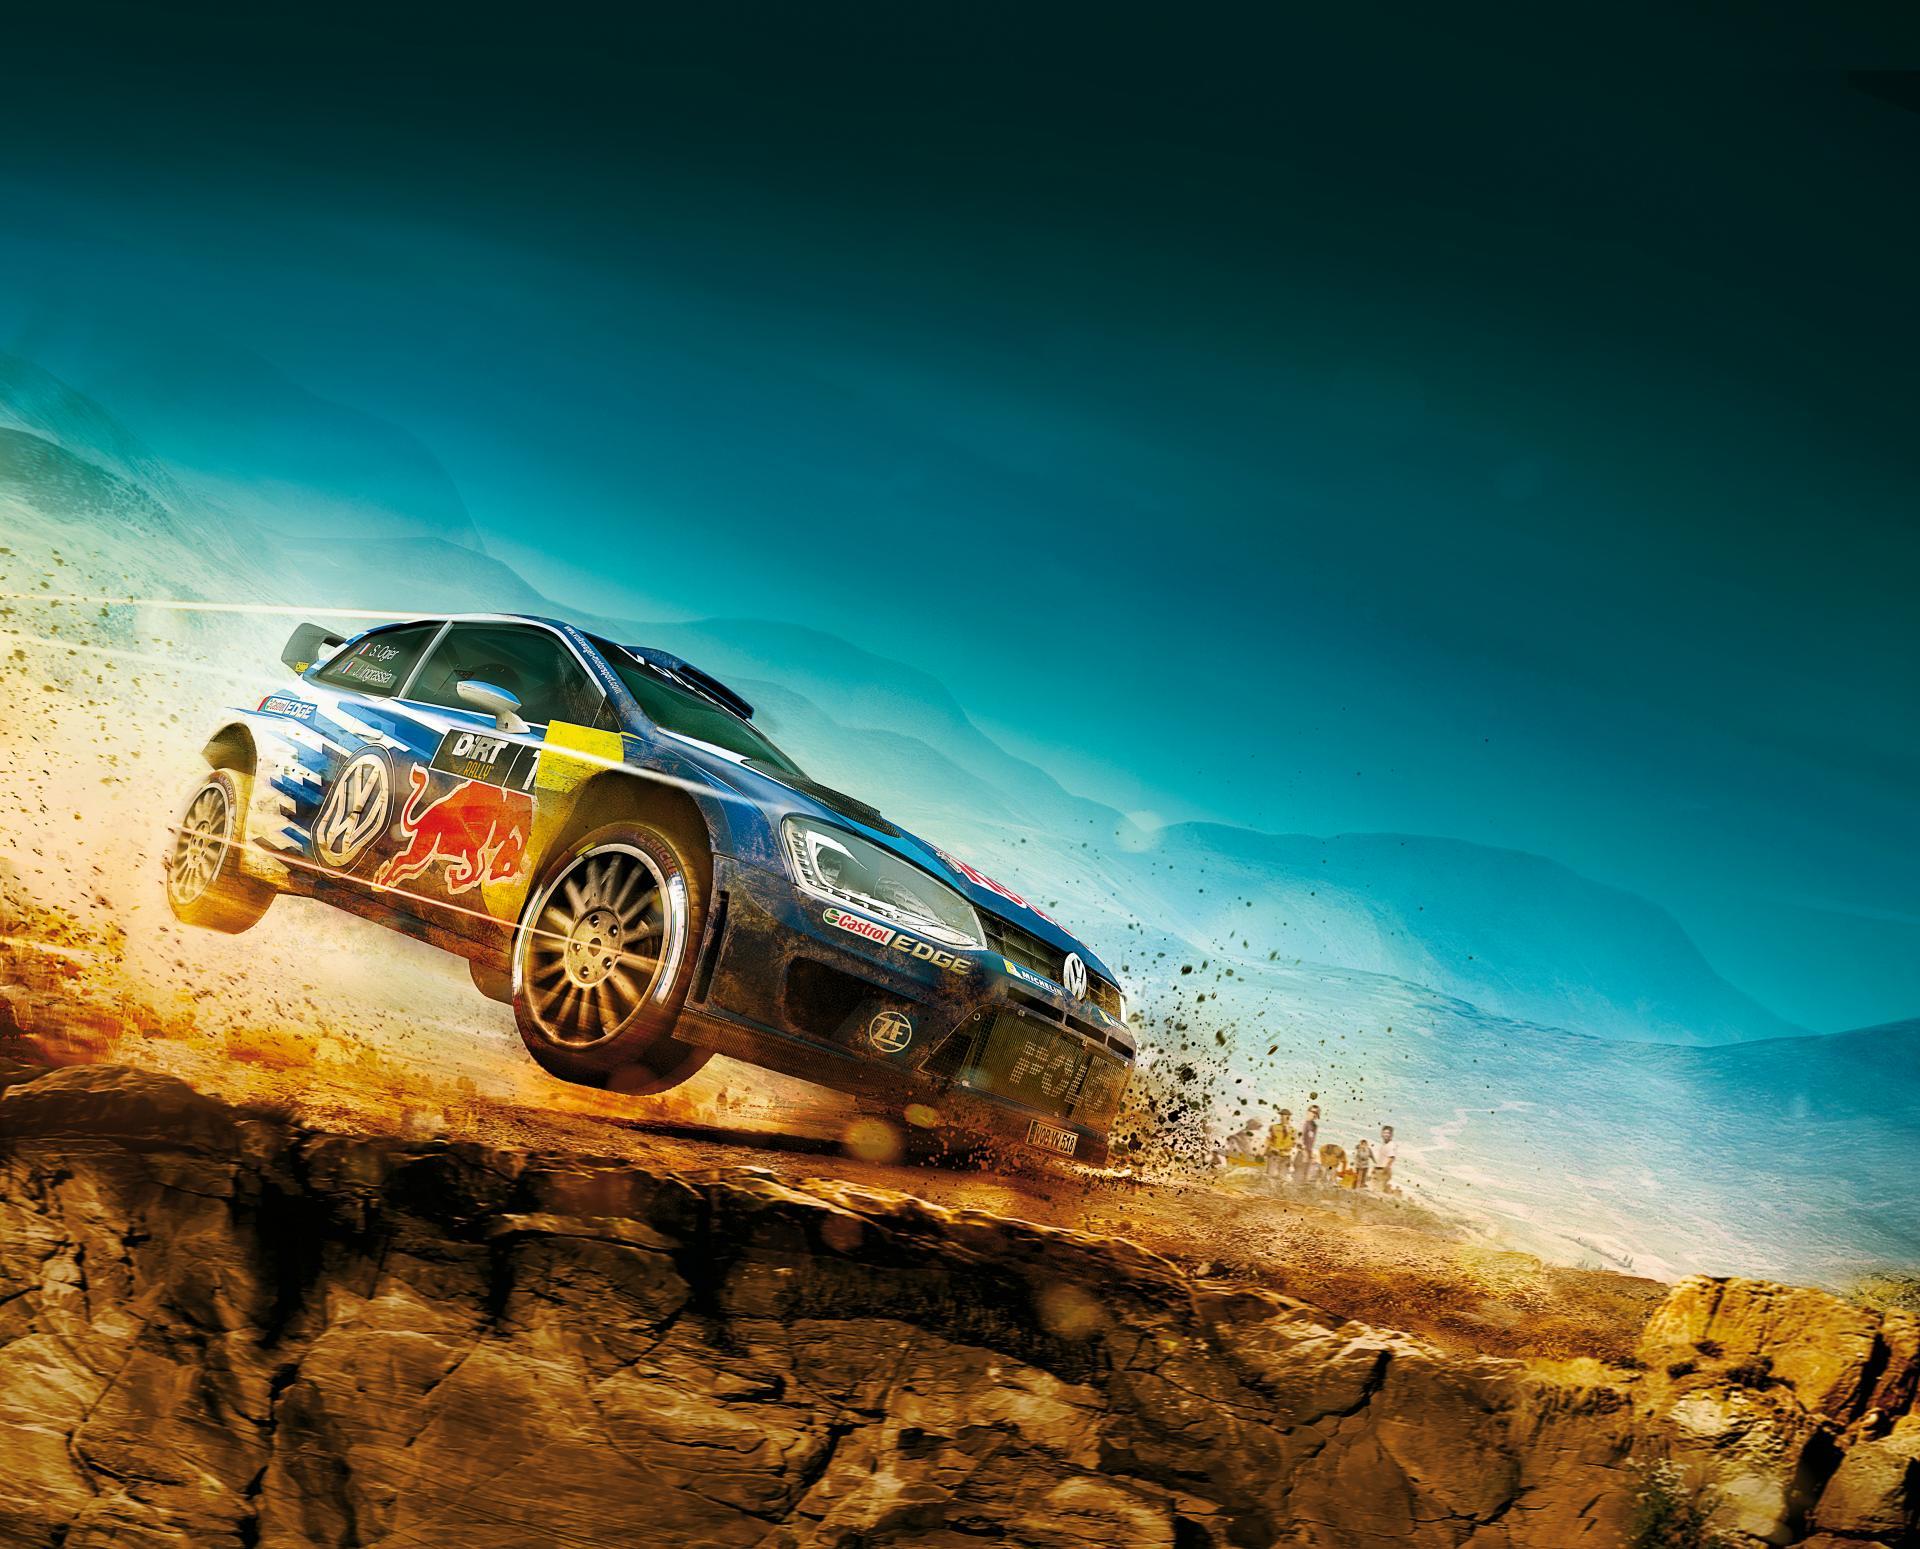 Русская версия DiRT Rally появится на консолях в апреле 2016 года. - Изображение 1